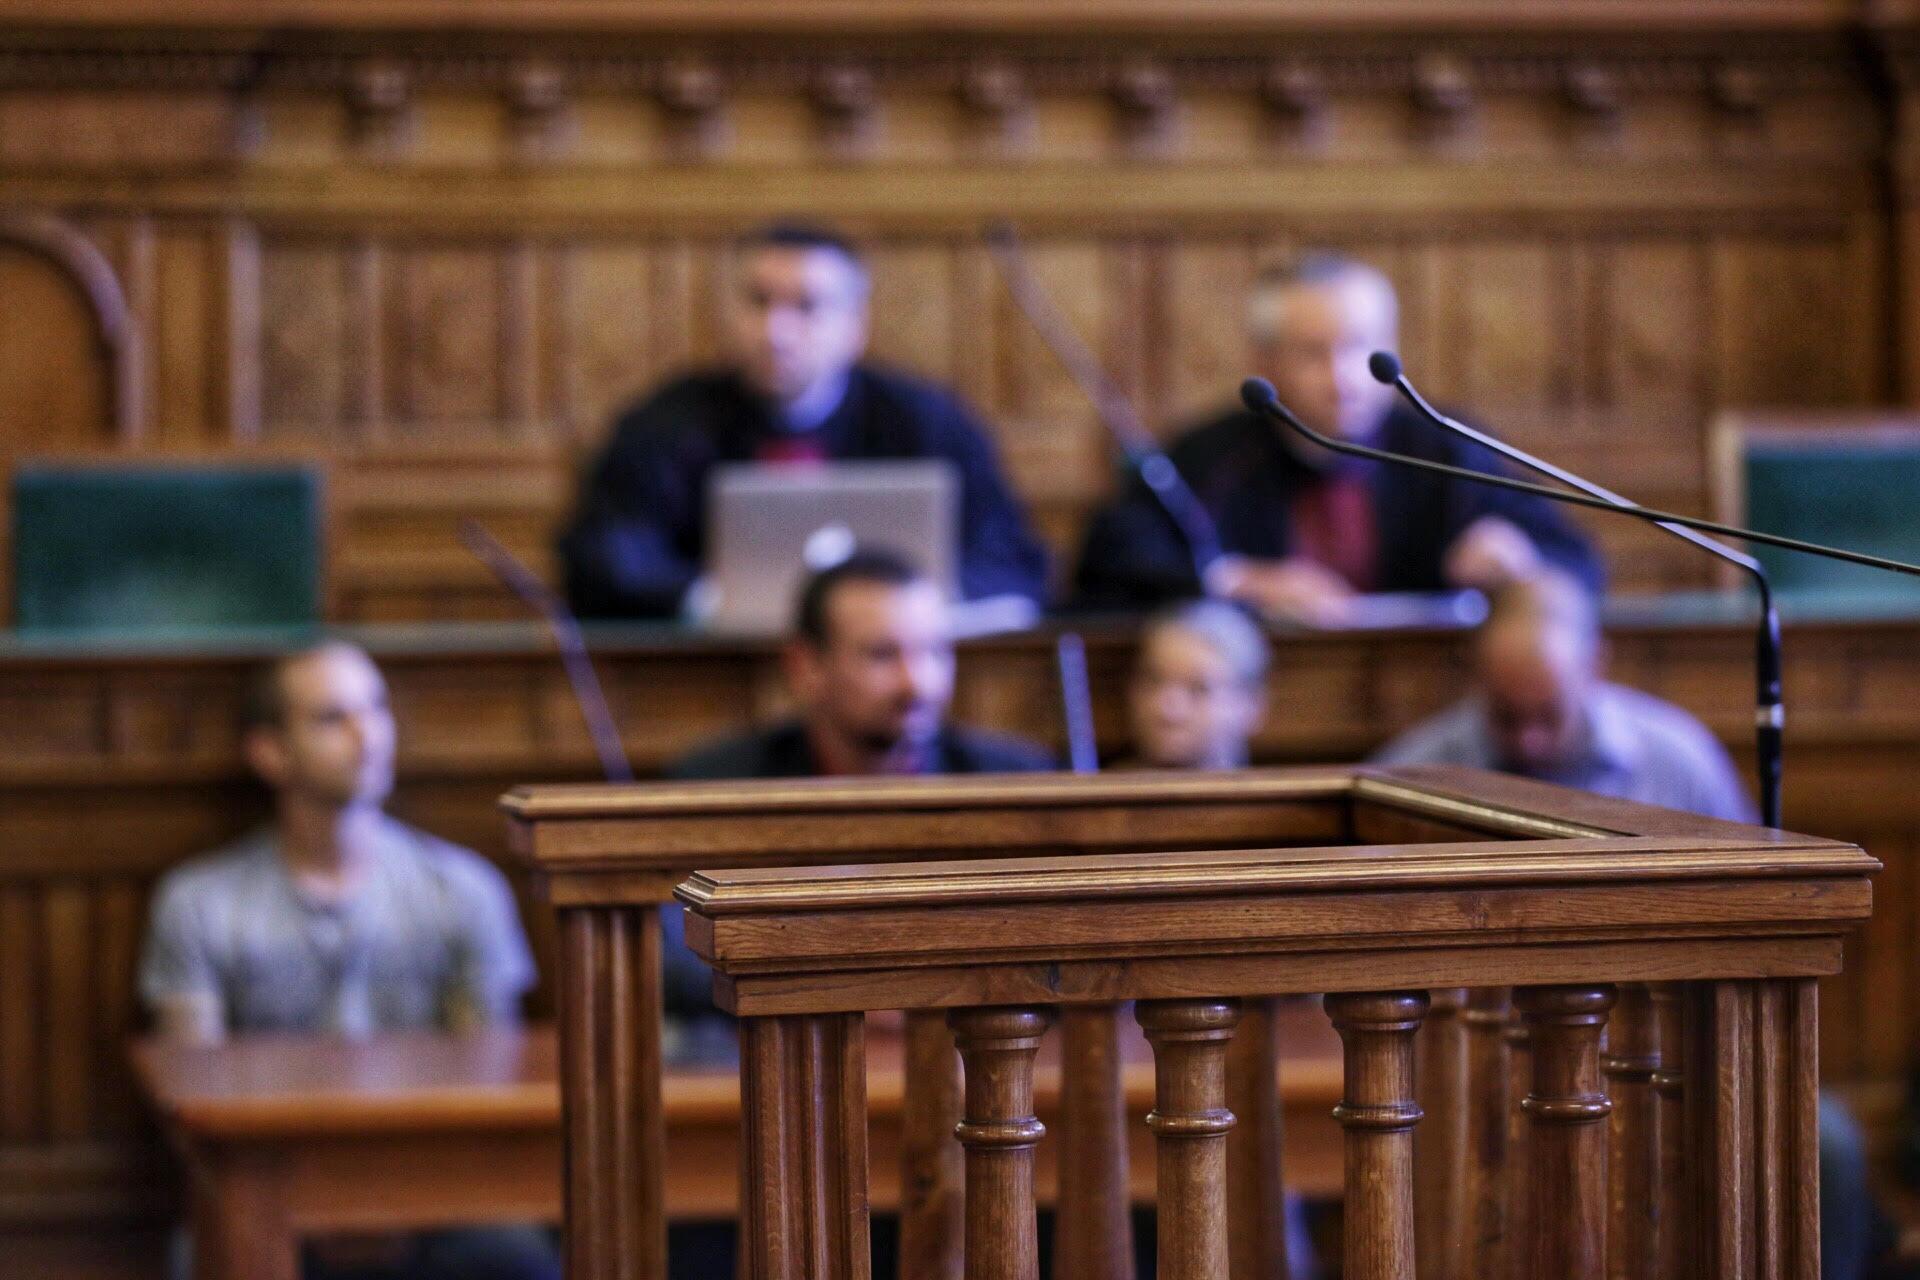 Életfogytig tartó börtönre ítélték a Teréz körúti robbantót, aki a saját ítéletére sem volt kíváncsi